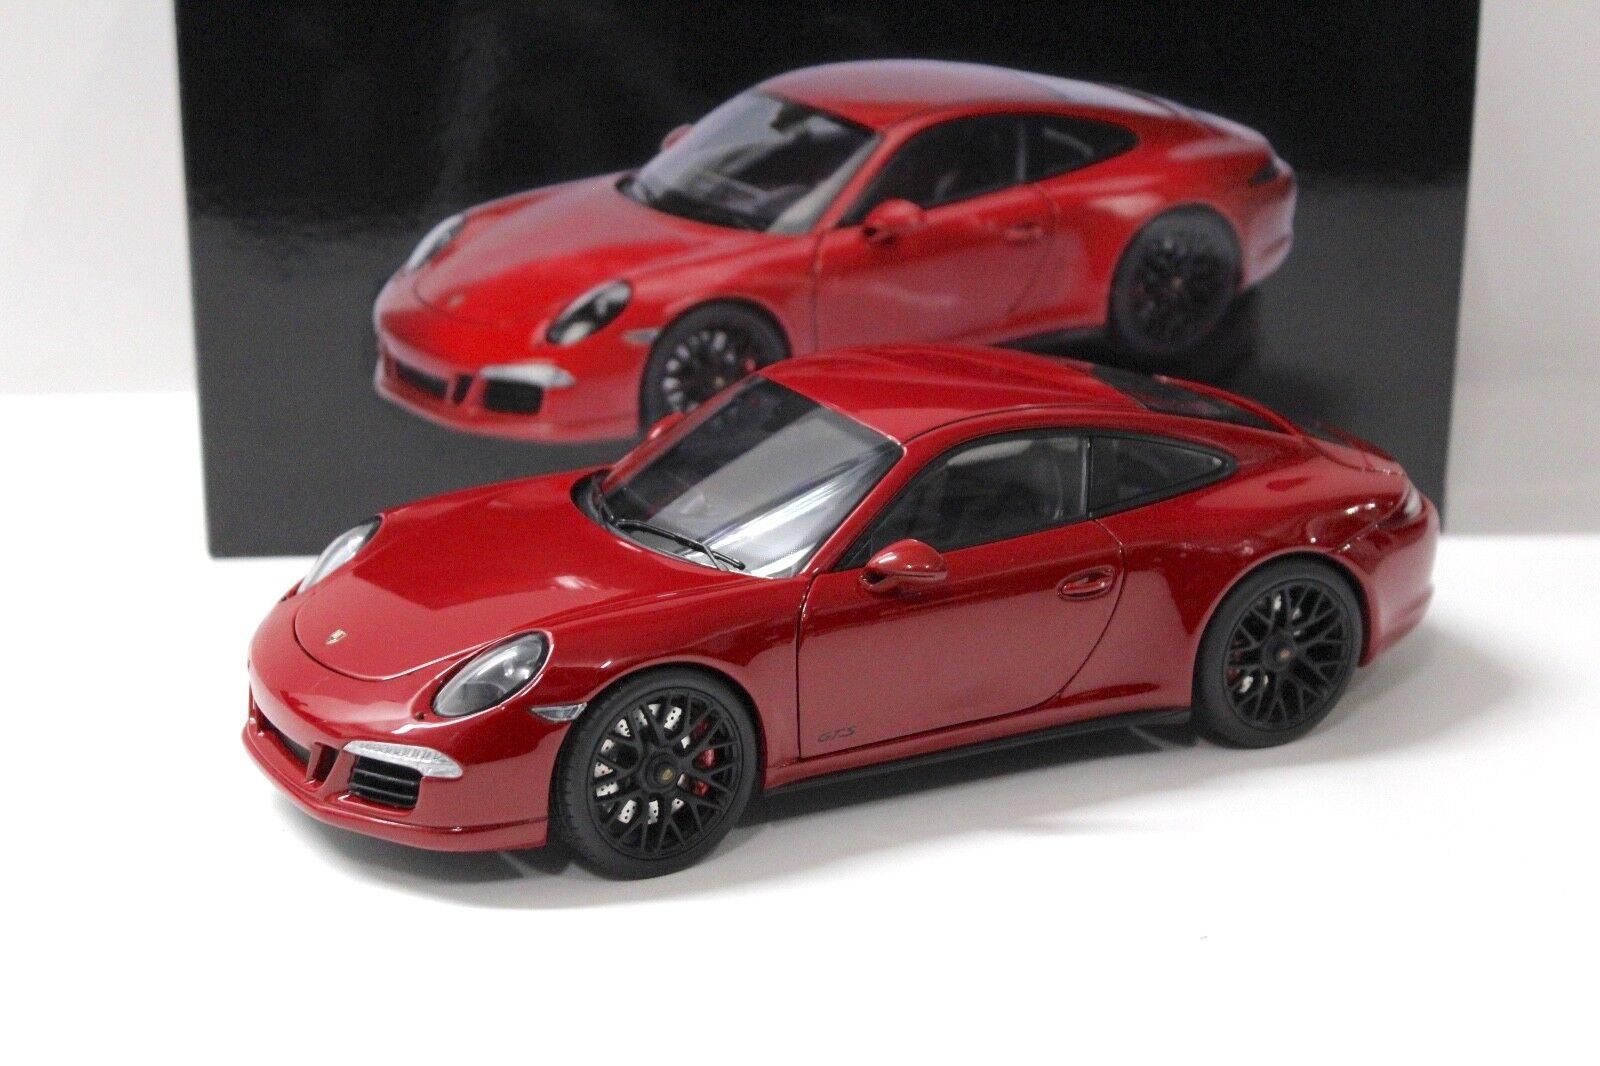 1 18 Schuco PORSCHE 911 (991) Carrera GTS Karmin rosso NEW in Premium-MODELCARS